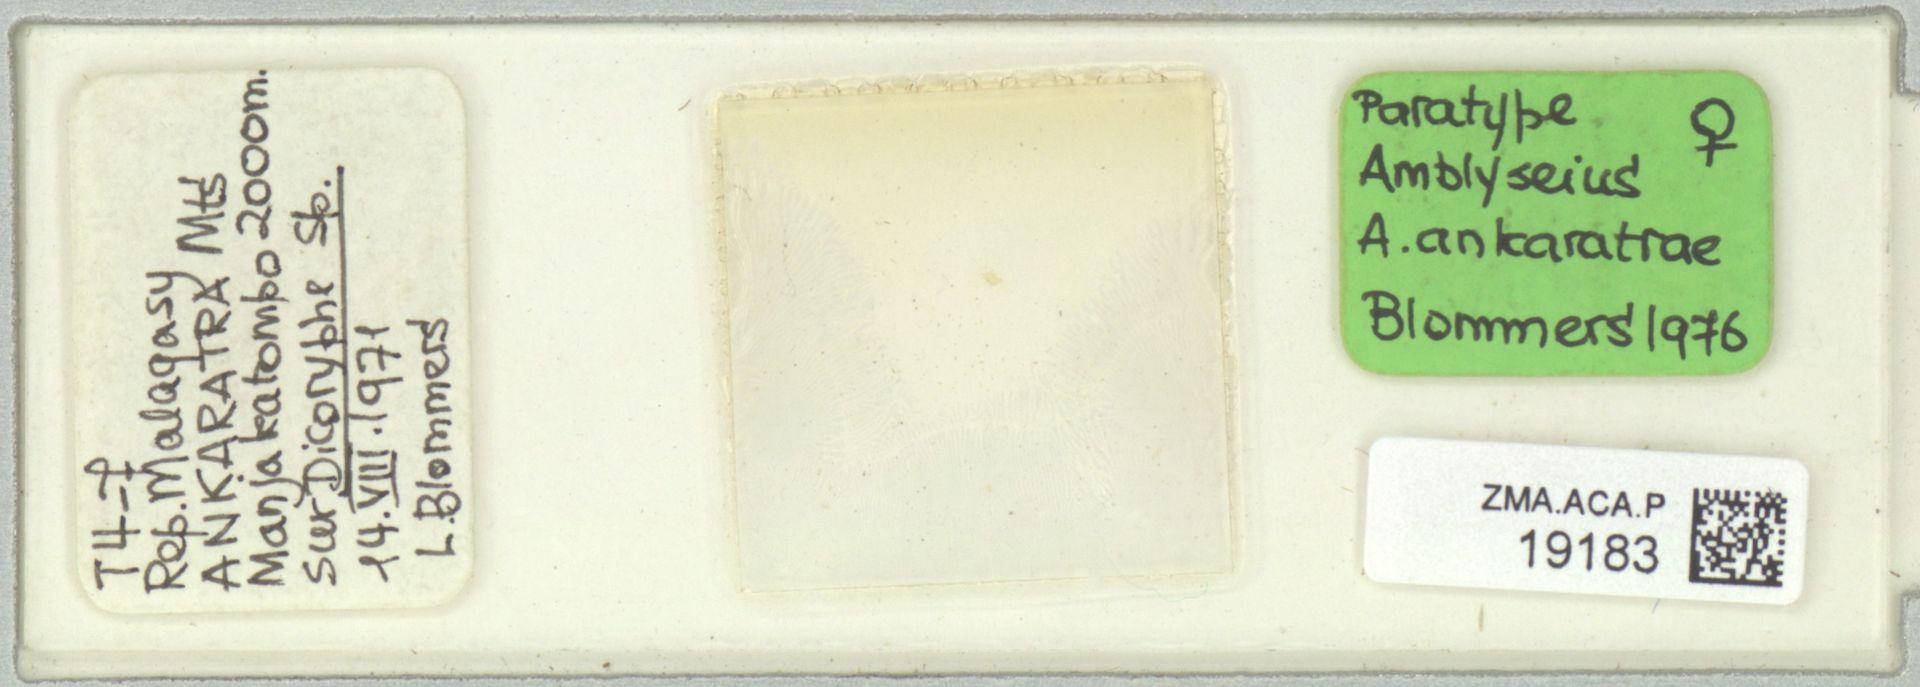 ZMA.ACA.P.19183 | Amblyseius (Amblyseius) ankaratrae Blommers, 1976